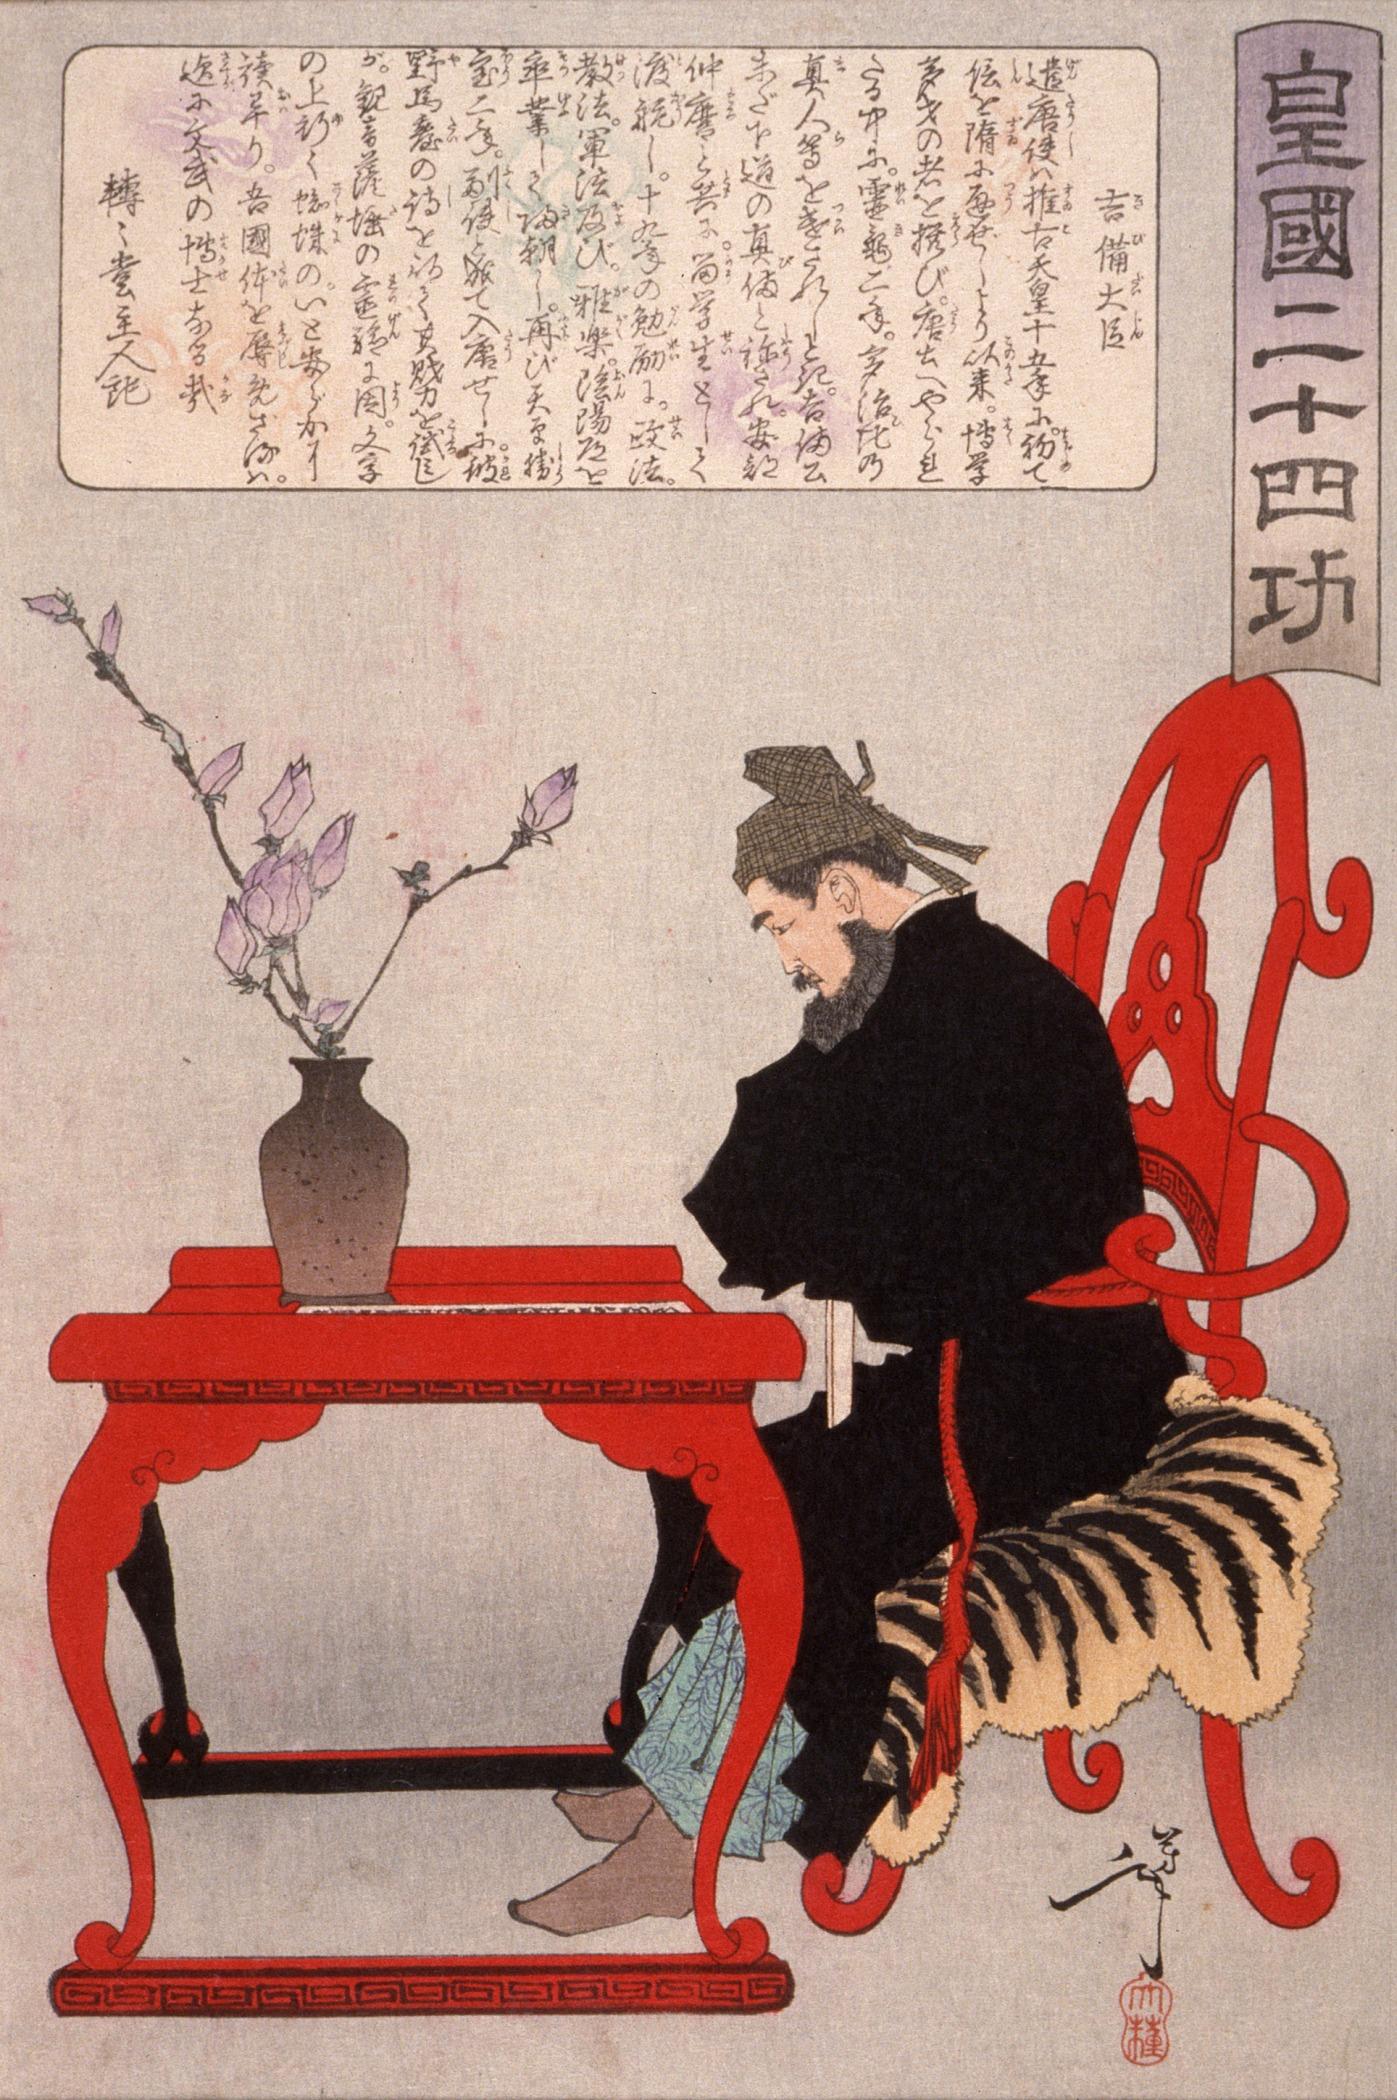 日本畫家 月岡芳年《皇國二十四功·吉備大臣》(公有領域)